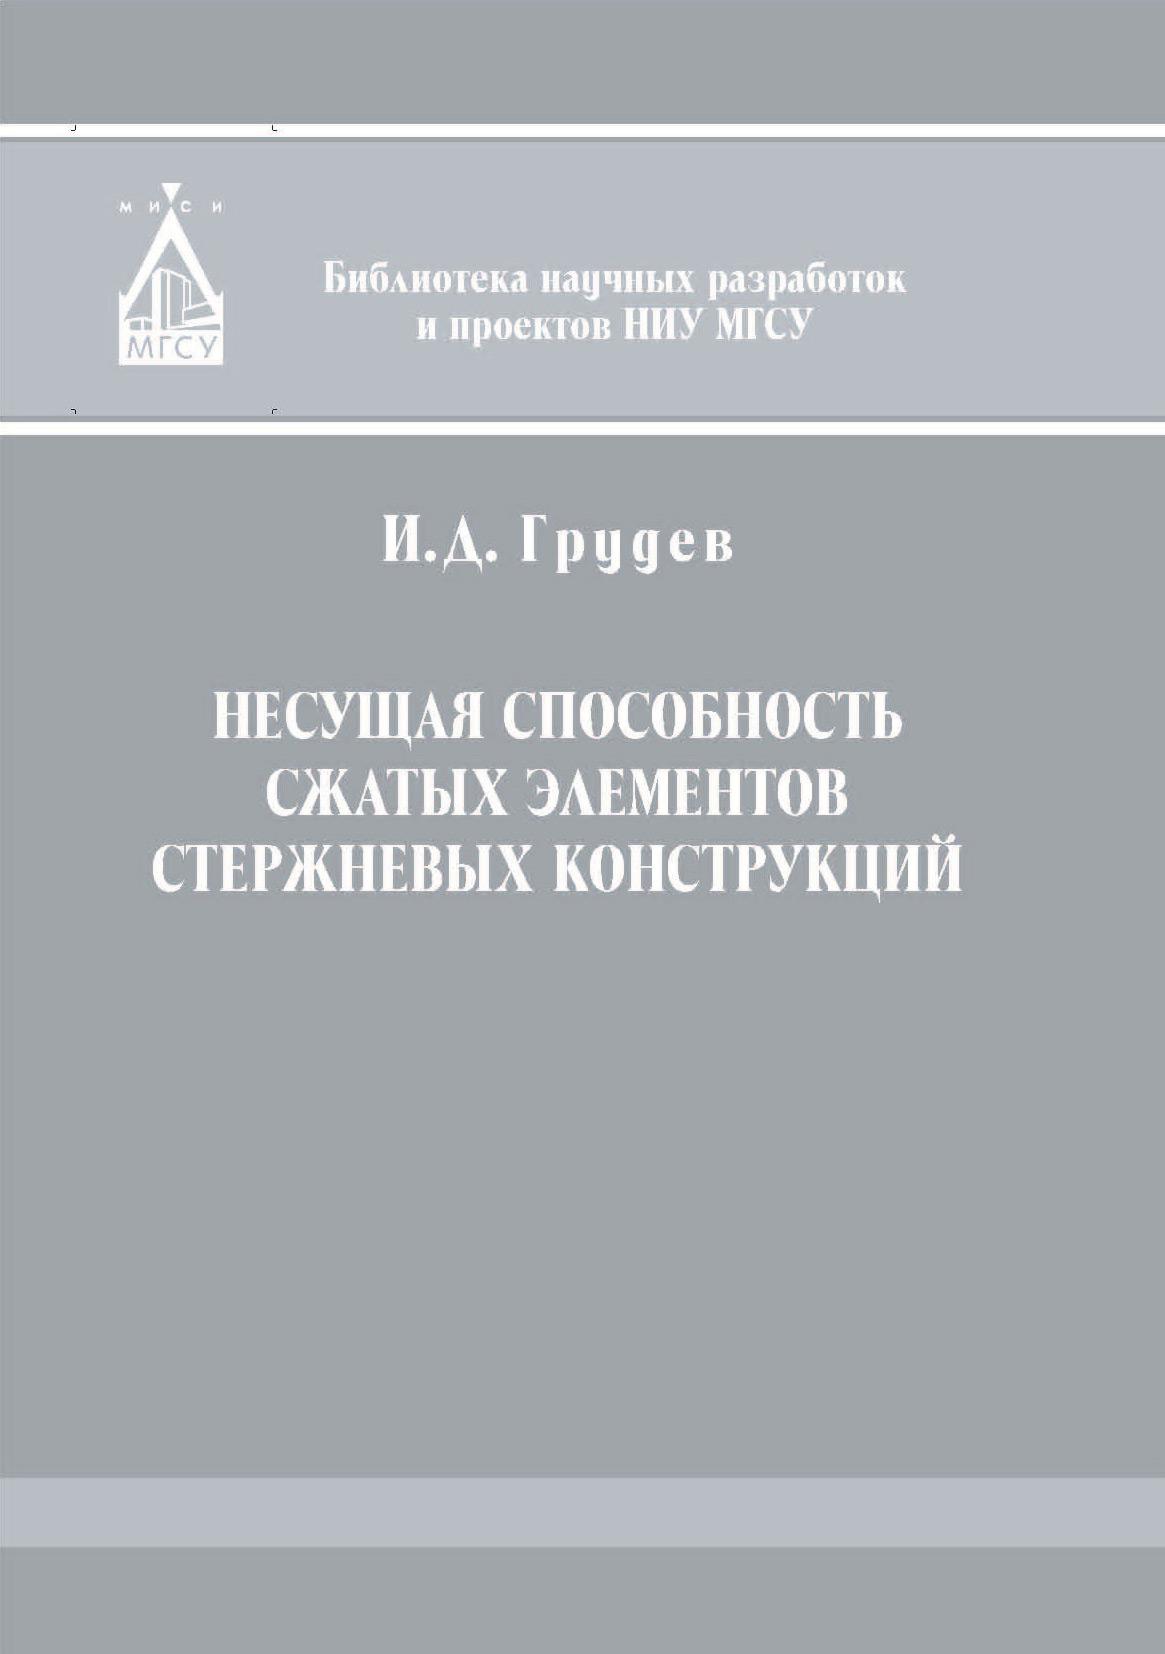 И. Д. Грудев Несущая способность сжатых элементов стержневых конструкций